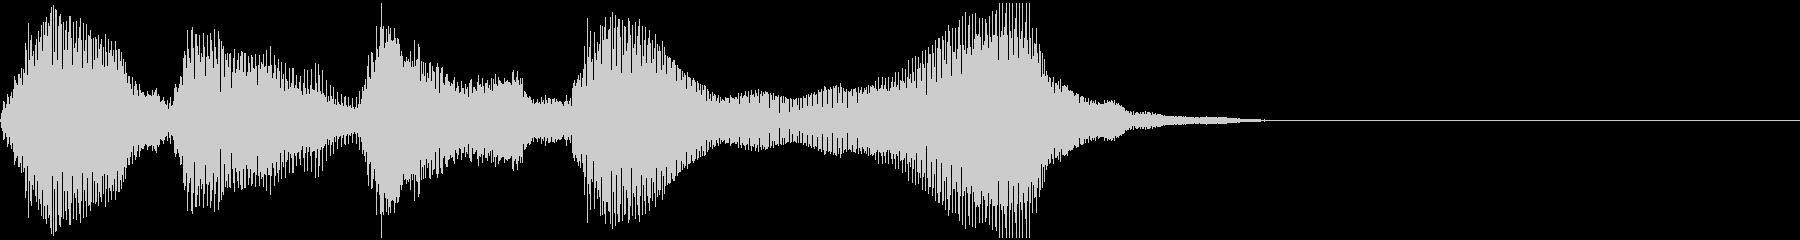 優雅なサウンドの場面転換ジングルです。の未再生の波形